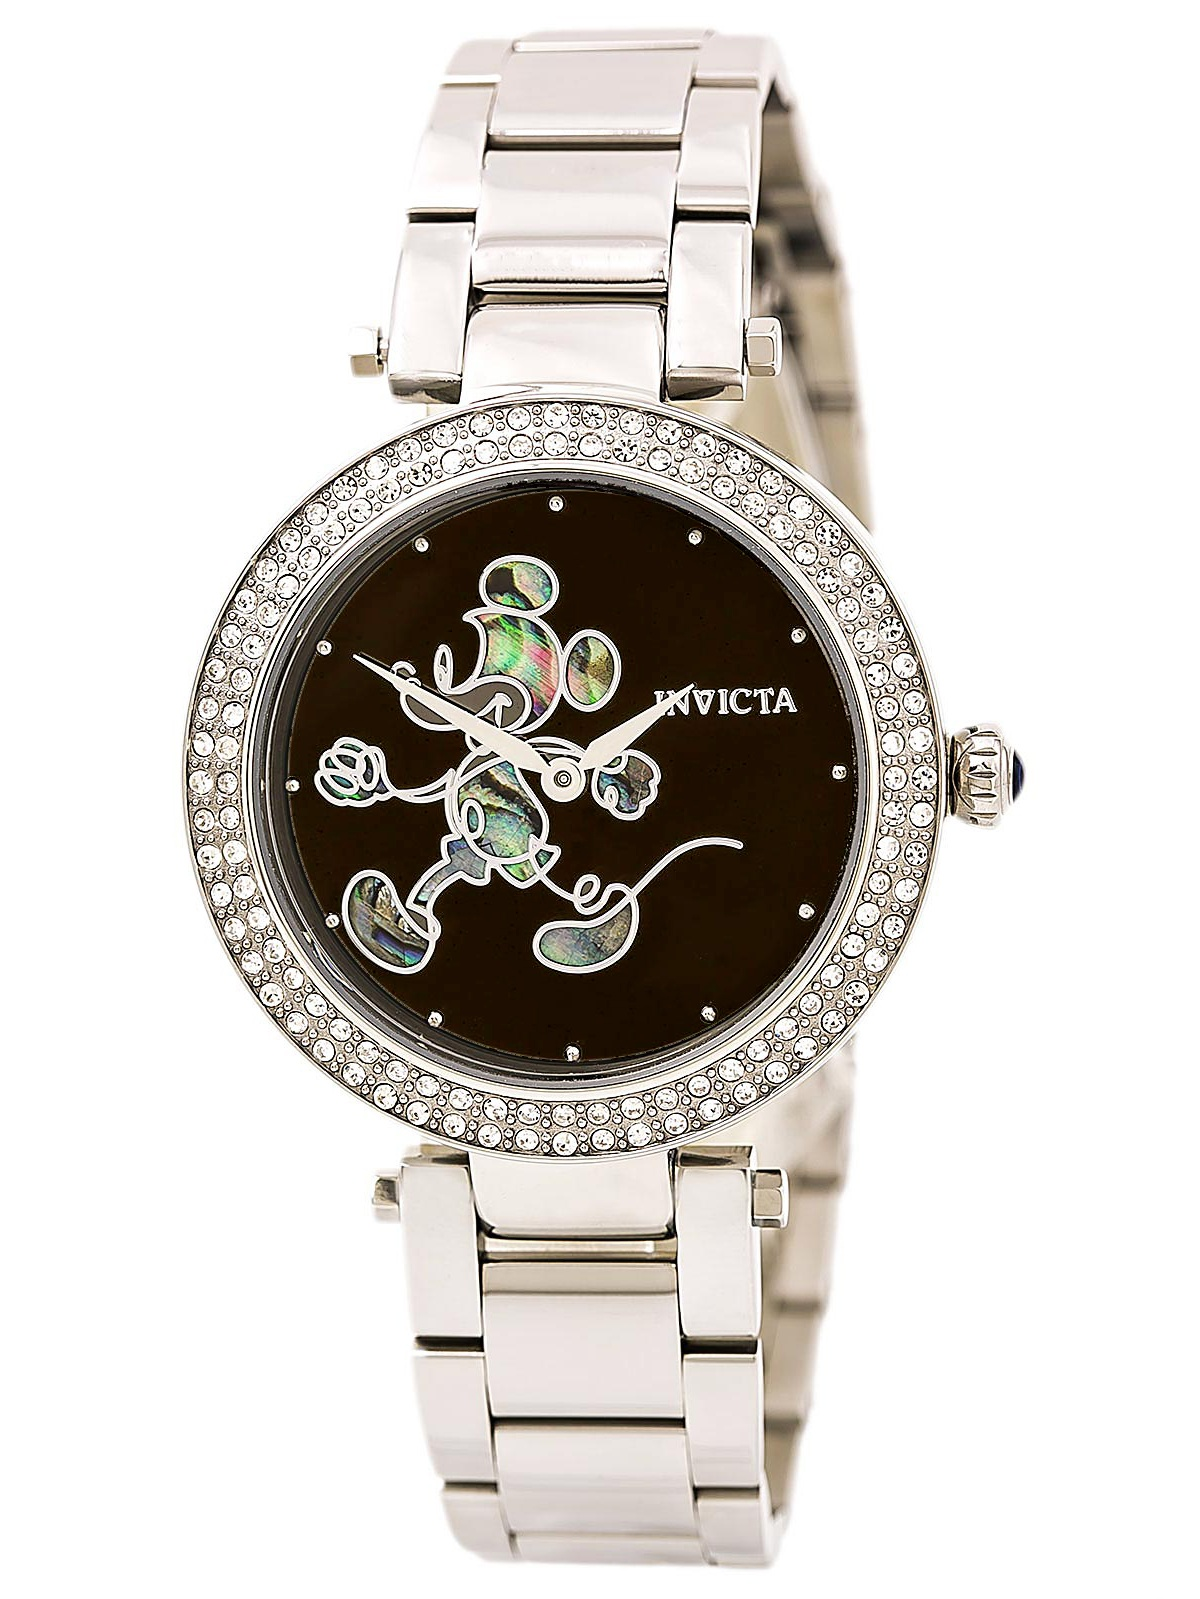 23780 Women's Disney Crystal Bezel Black Dial Stainless Steel Bracelet Watch